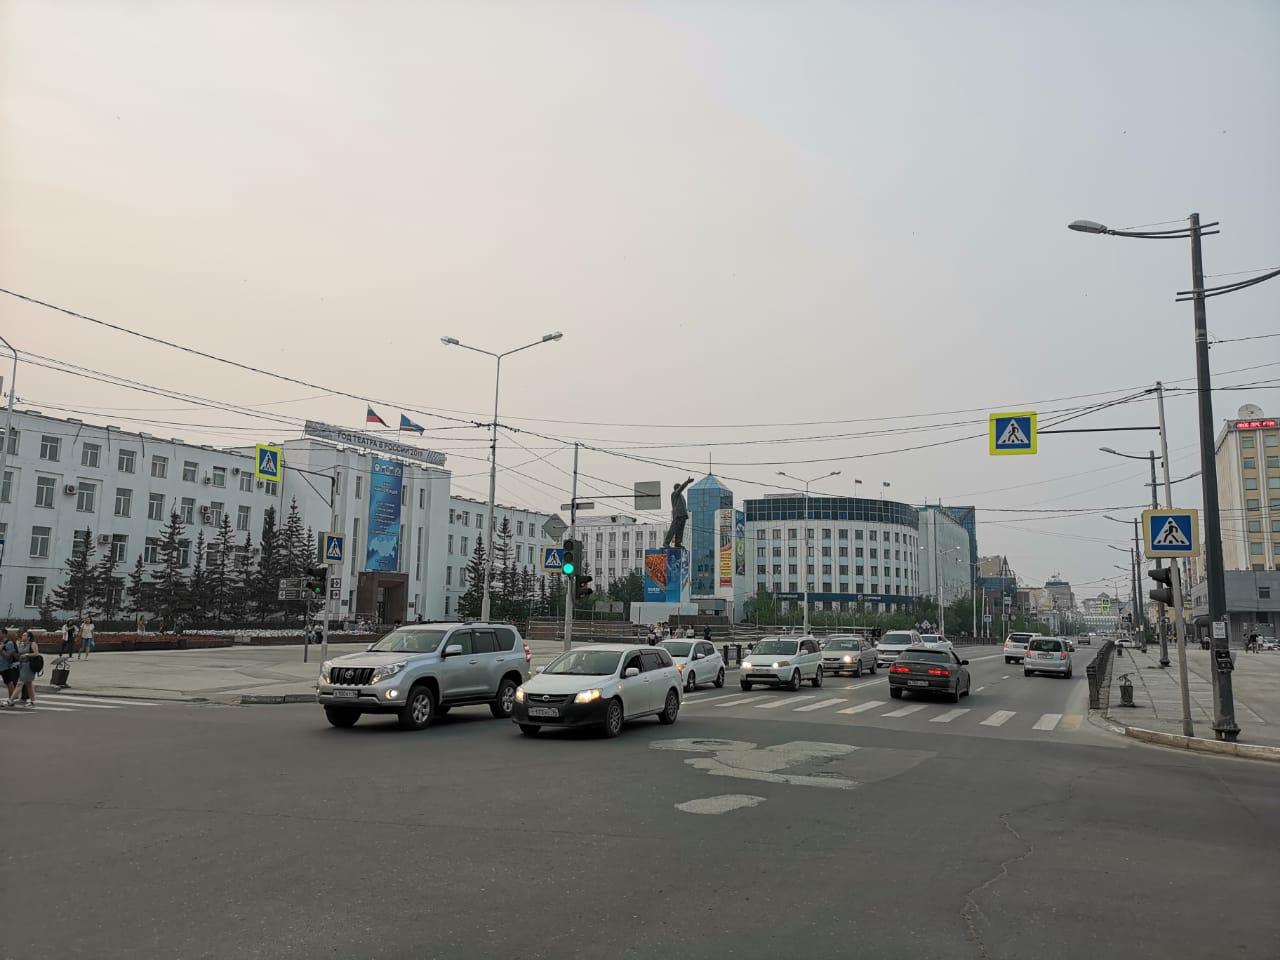 Задымление в Якутске связано с пожарами в соседних регионах